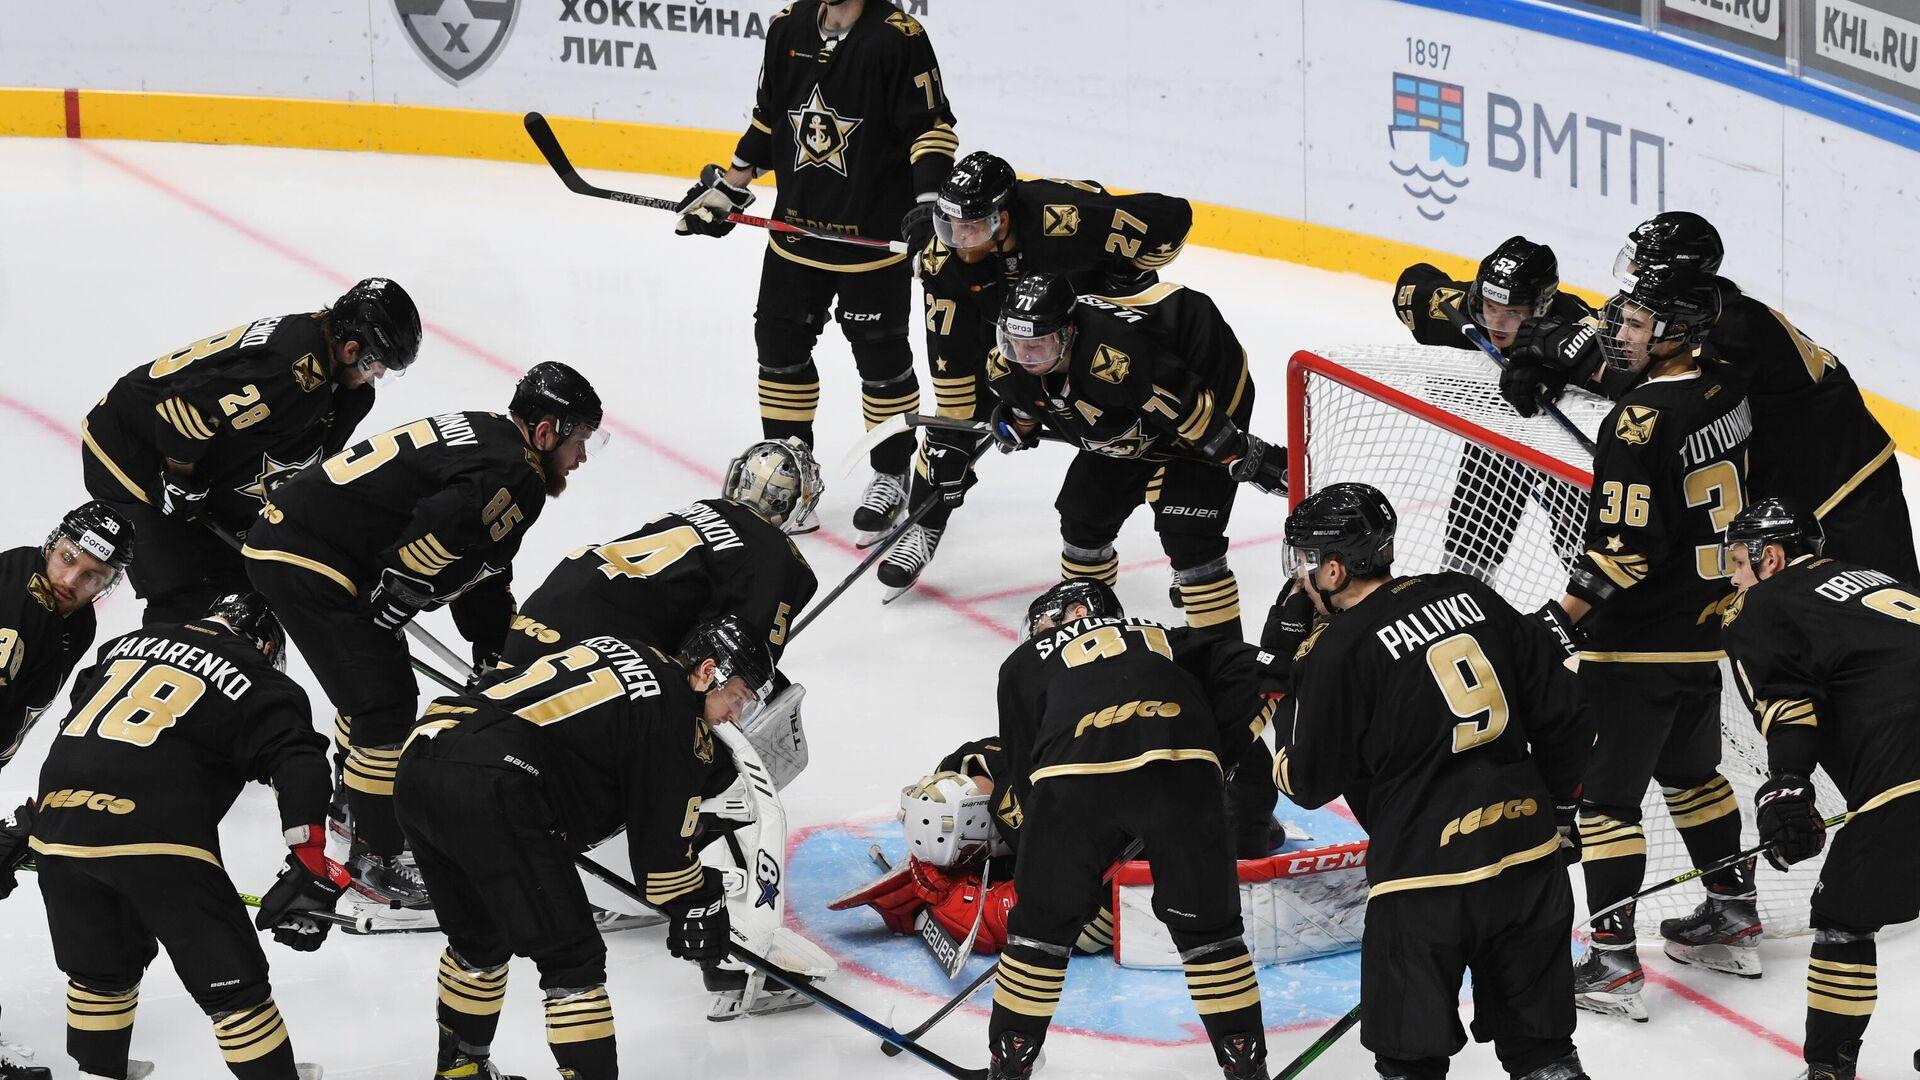 Хоккеисты Адмирала перед матчем КХЛ - РИА Новости, 1920, 02.10.2021